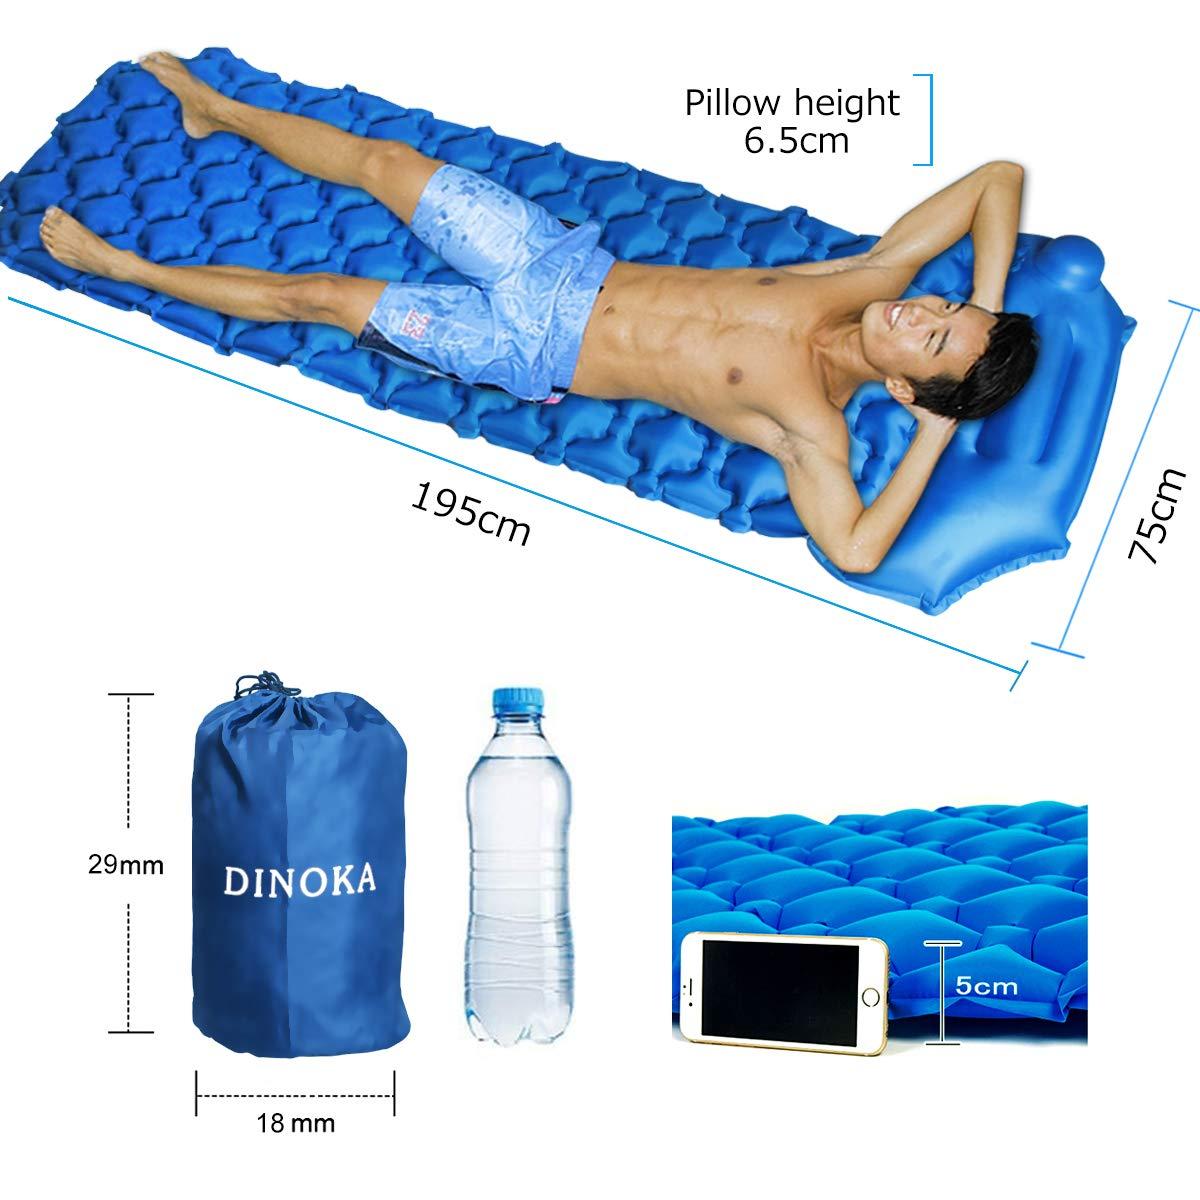 Reise Wandern Strand,Schwimmbad Outdoor DINOKA Isomatte Camping Schlafmatte Kompressions Design Camping Schlafmatte Ultraleichte Aufblasbare Luftmatratze Schlafmatte f/ür Camping